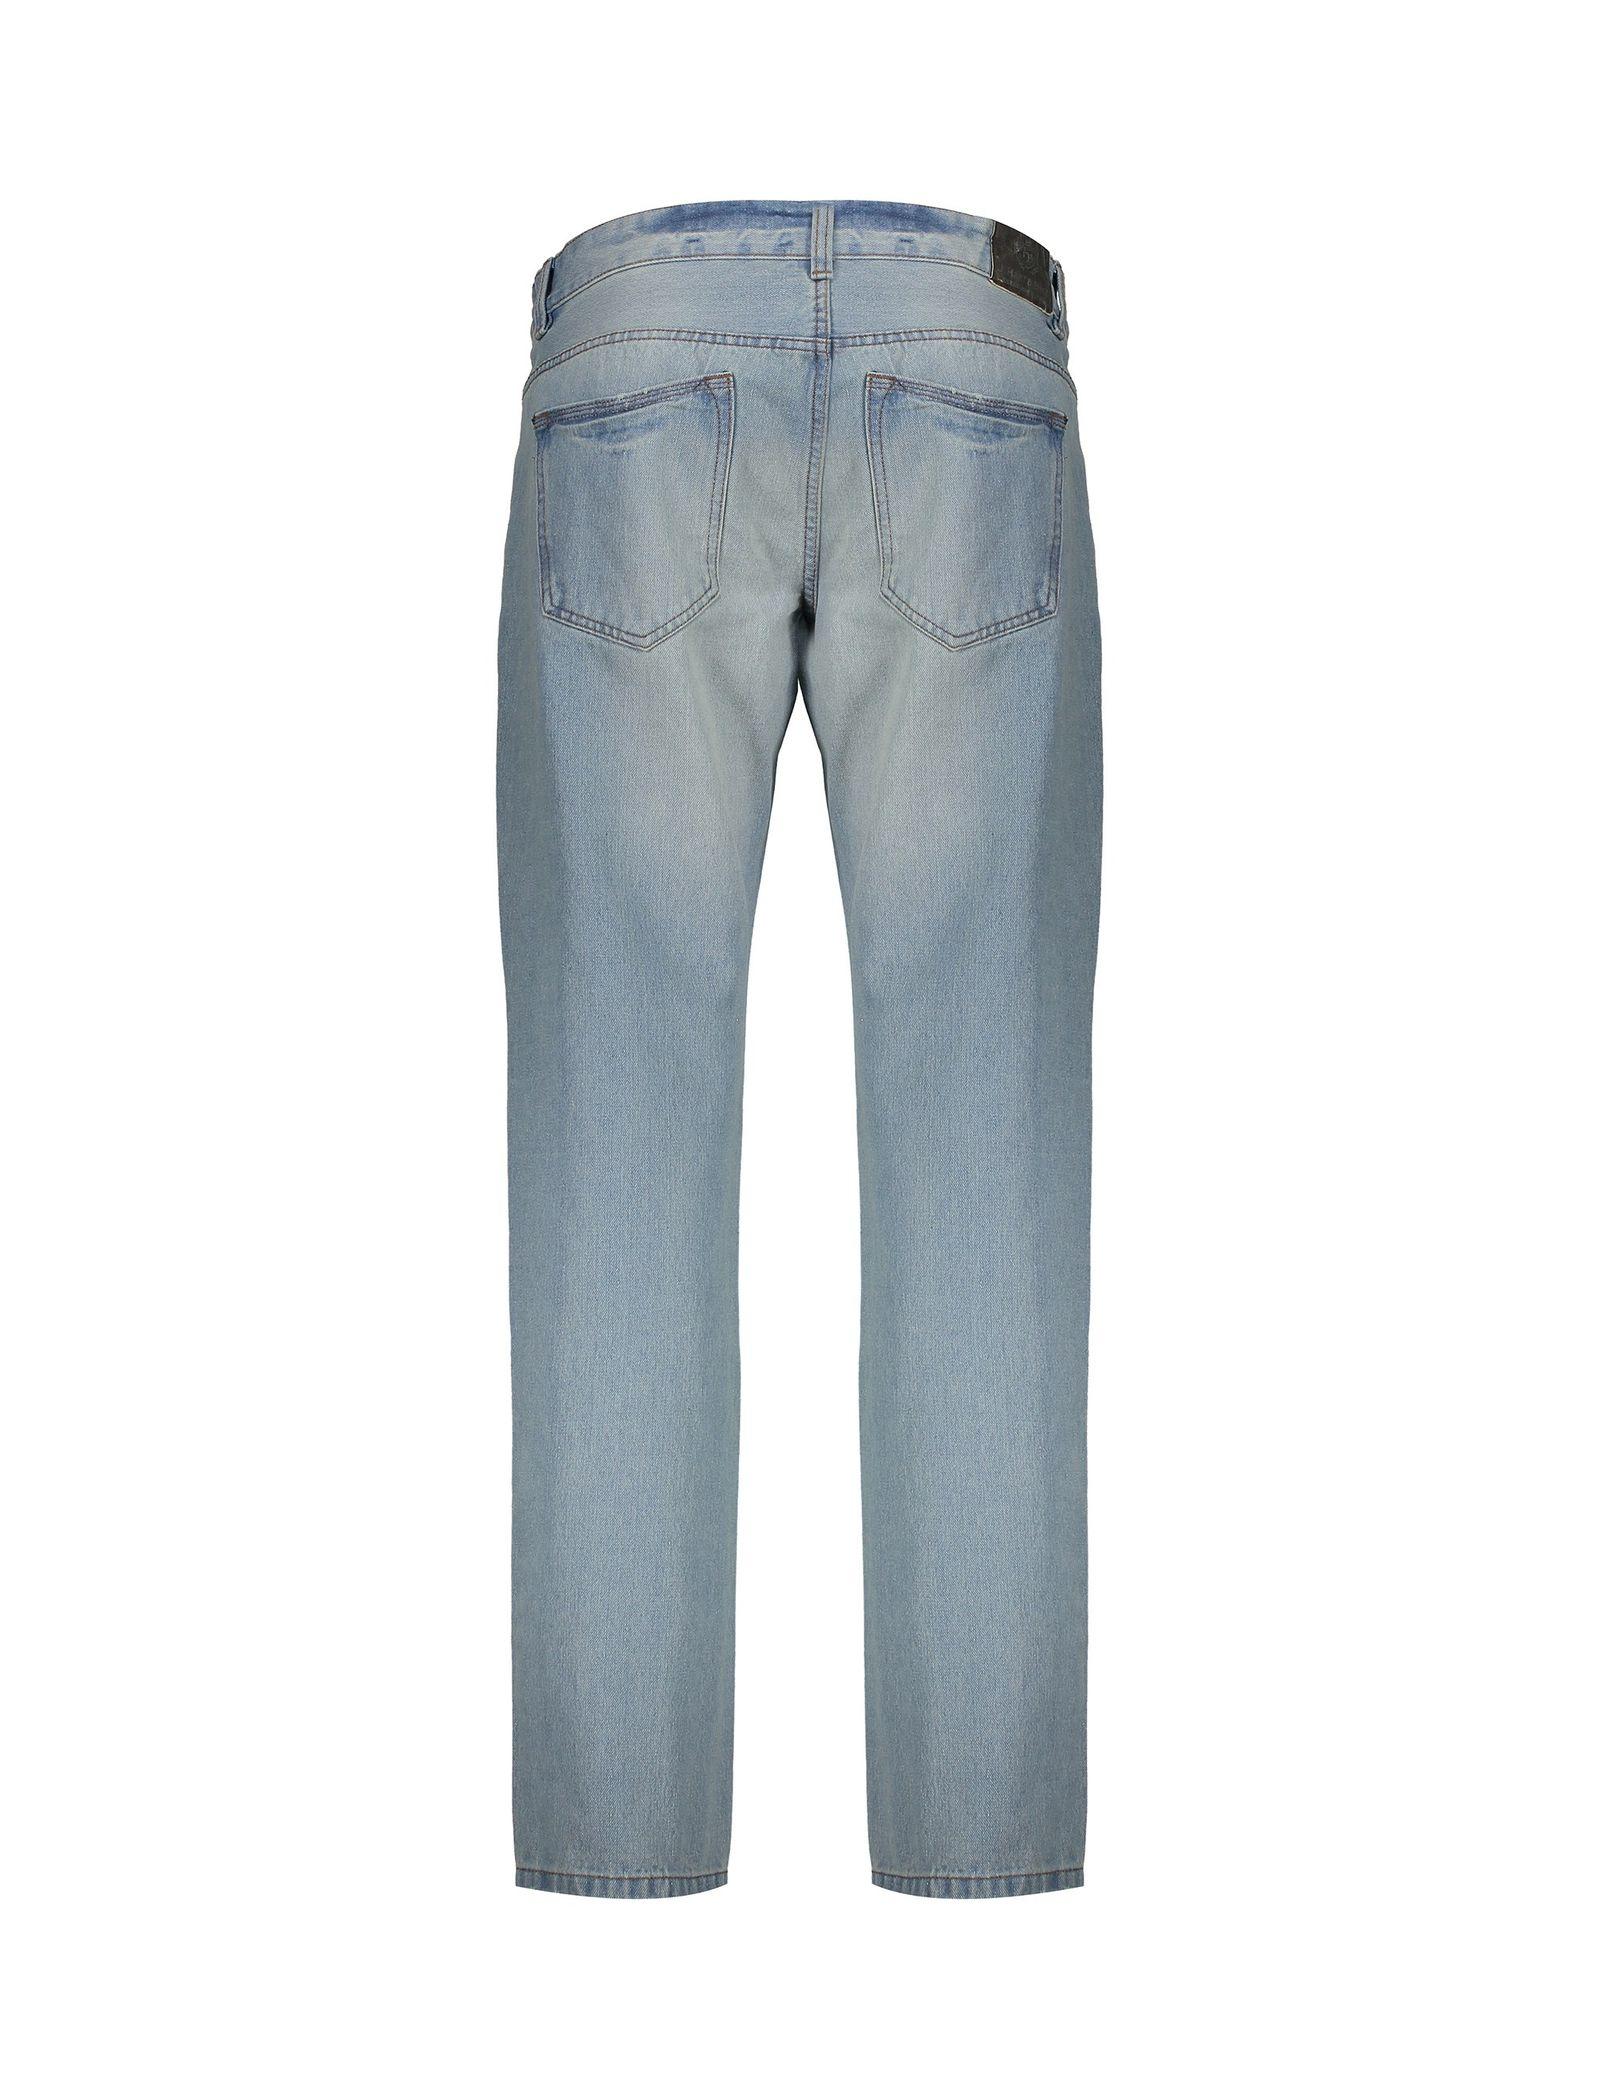 شلوار جین راسته مردانه - یوپیم - آبي روشن  - 2